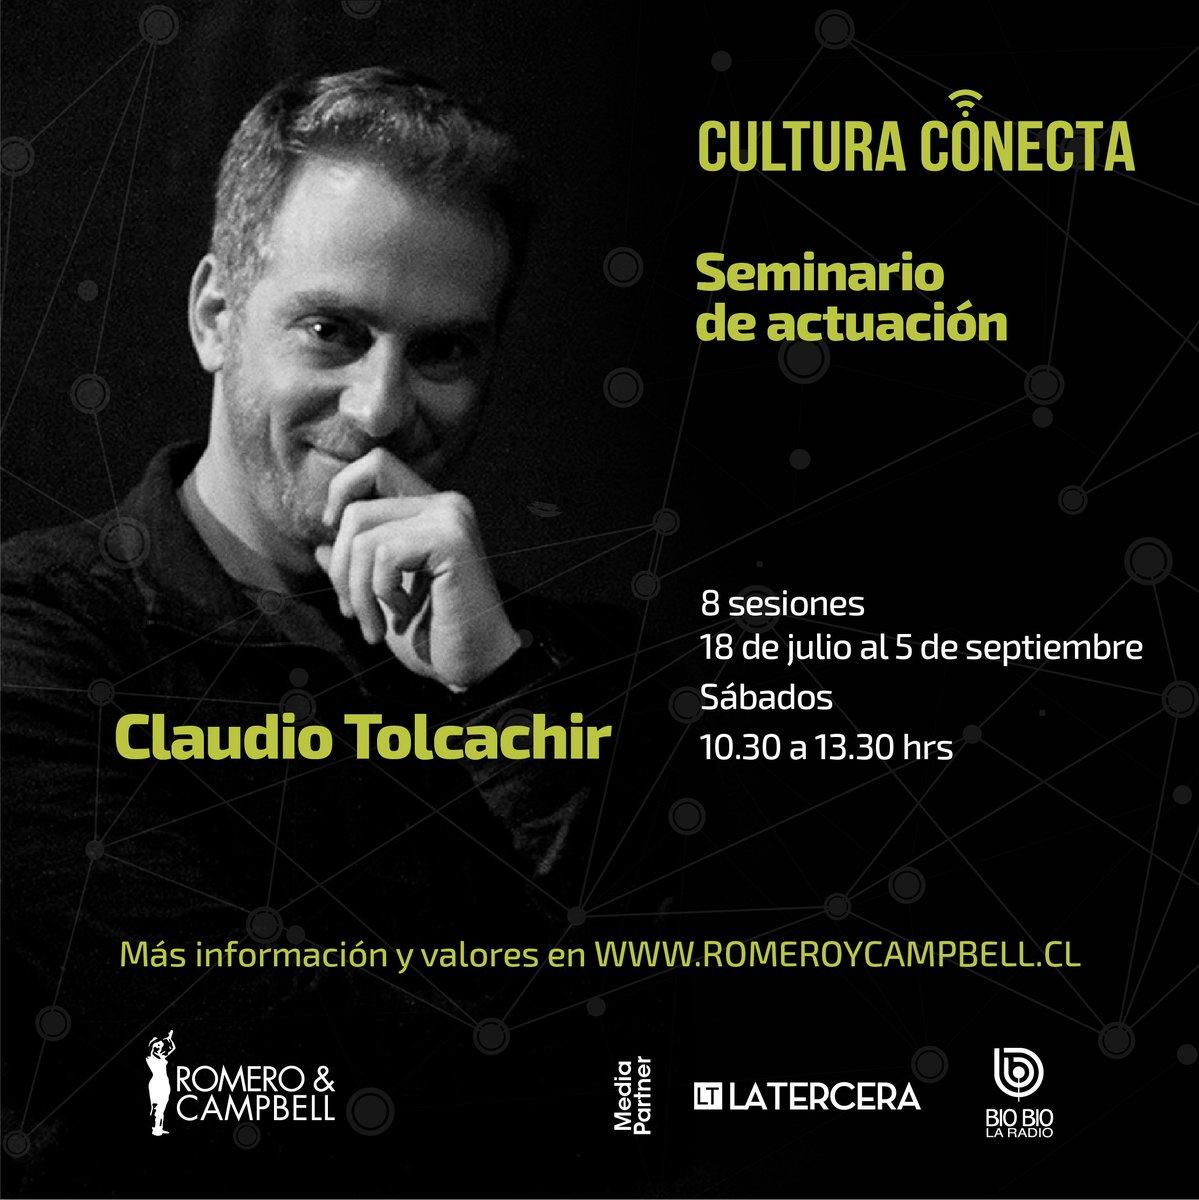 🔔🔔Se viene alto seminario de actuación online de @tolcachirc.   #CulturaConecta @romeroycampbell  +info en el enlace  https://t.co/ClwNsDYTuv https://t.co/8ROClciUvS